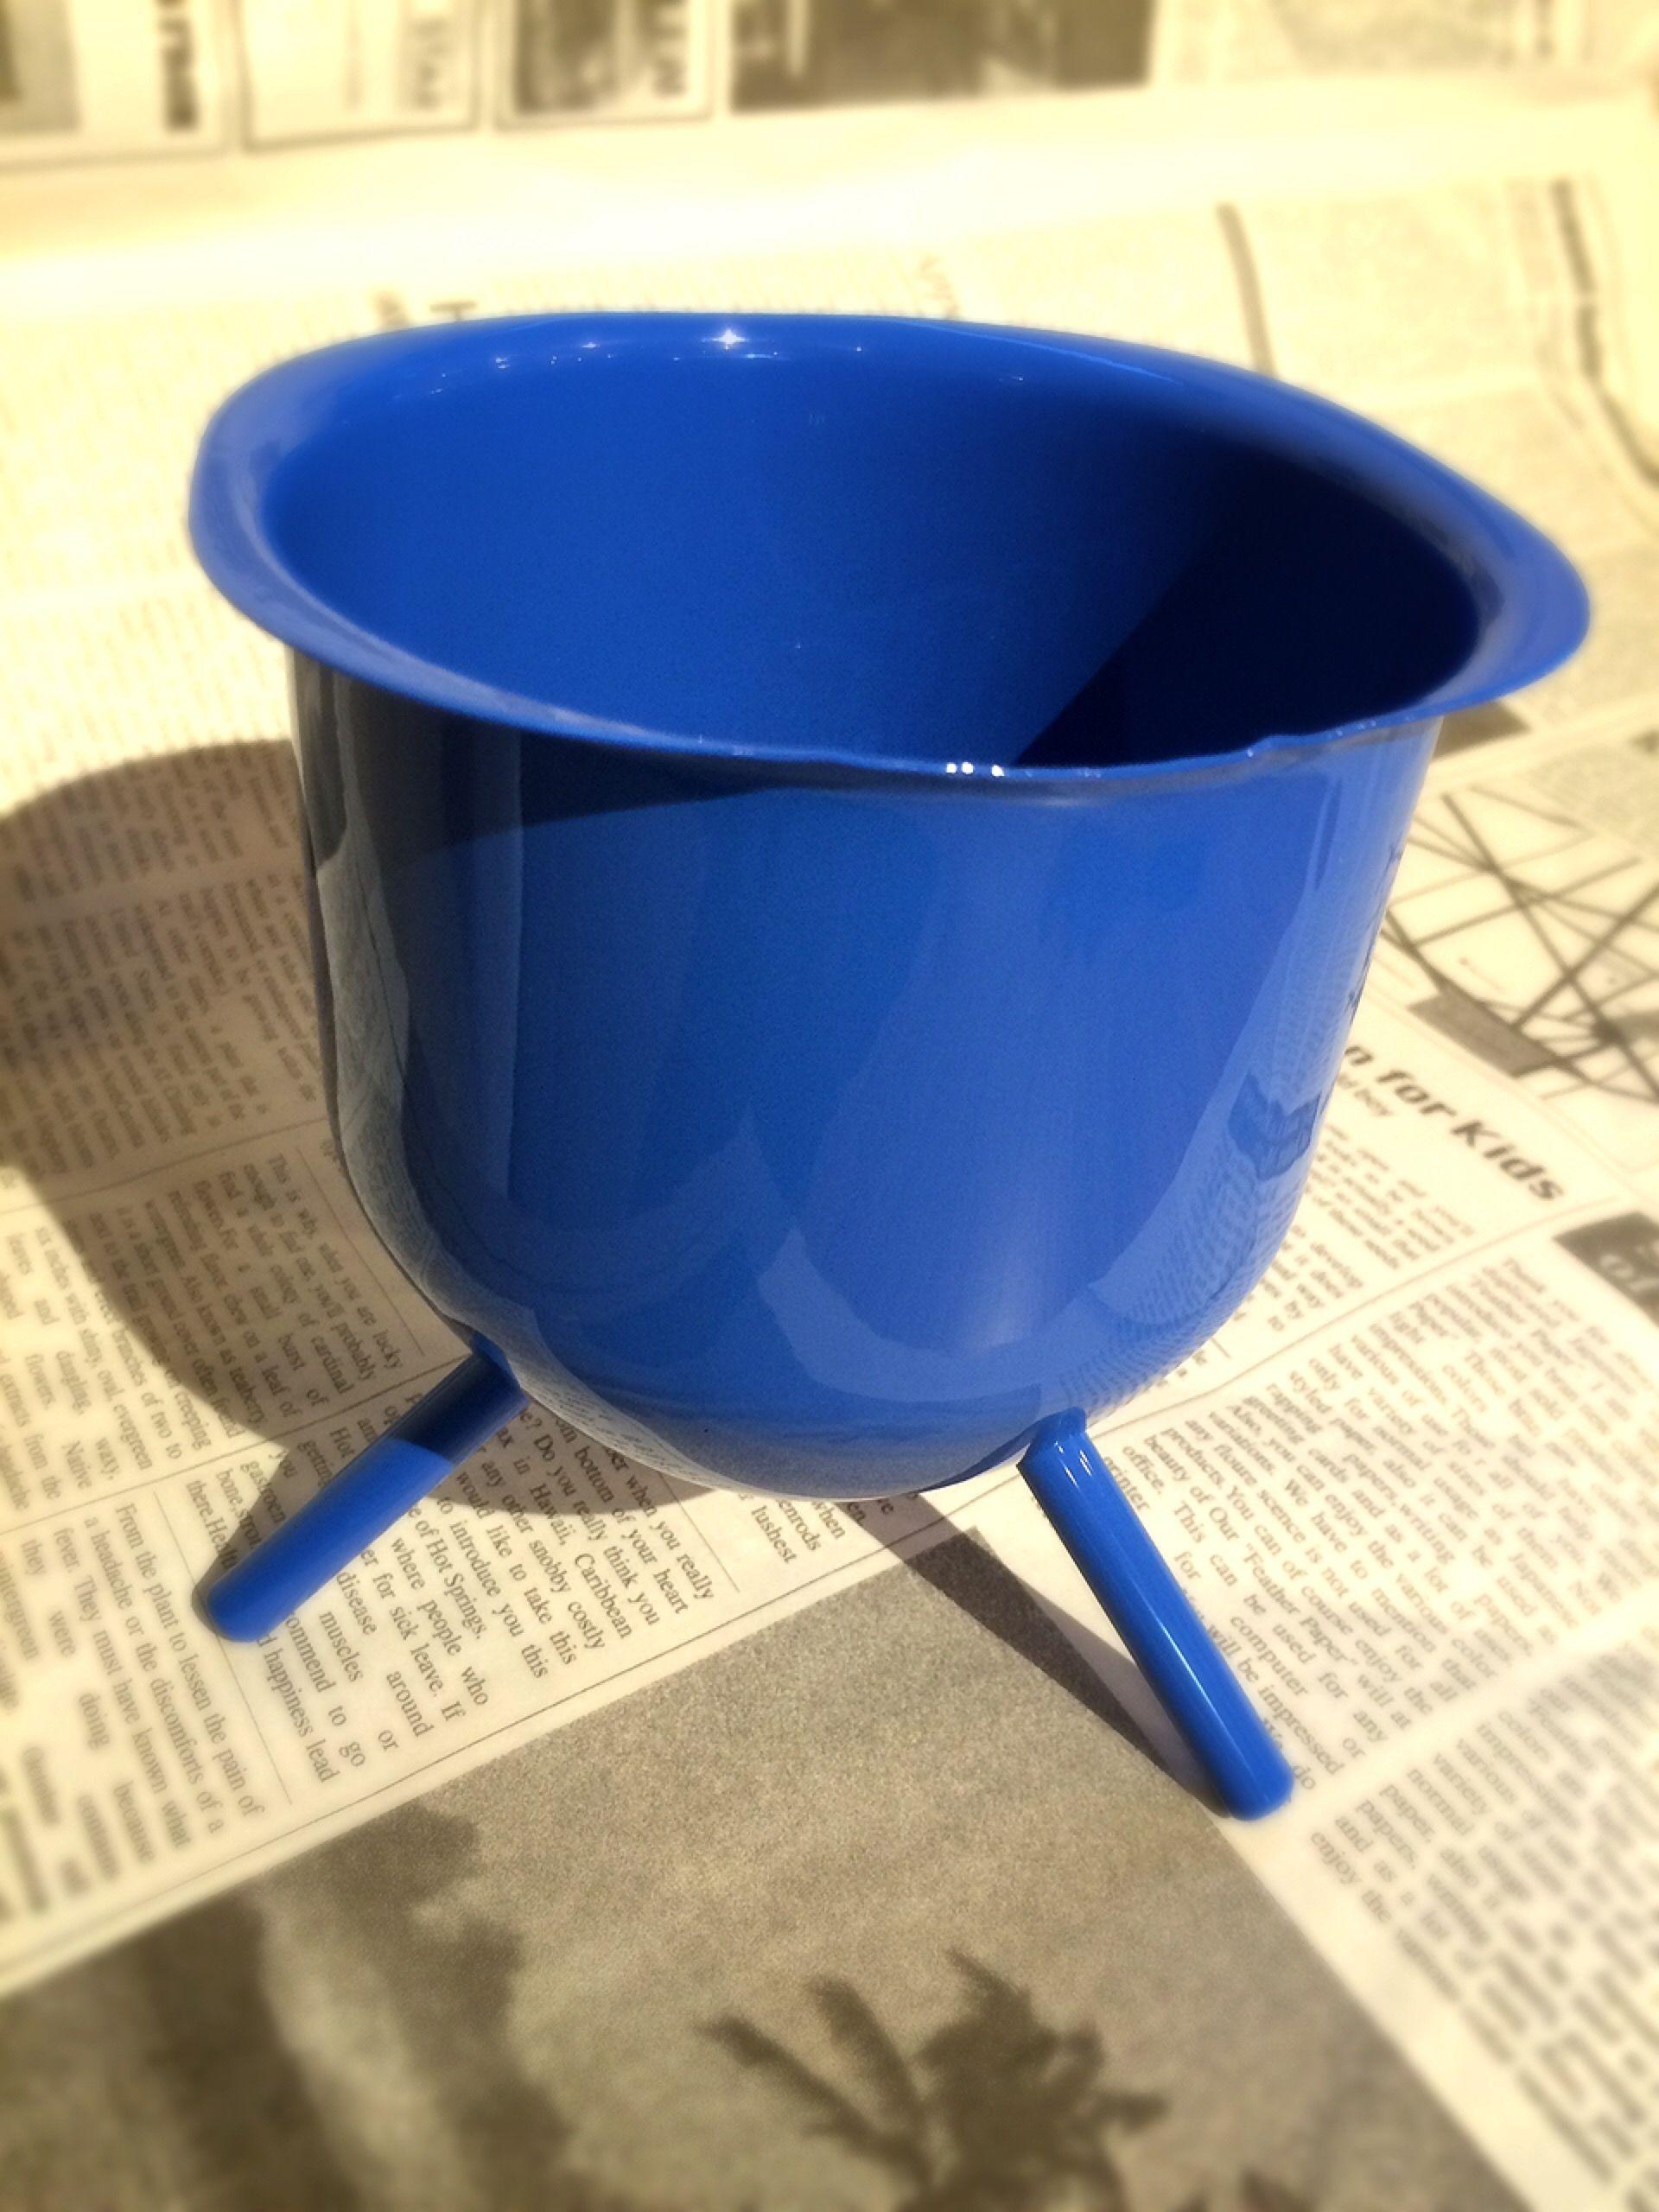 PODS BLUE|小さな工場のママたちが考えたスマホ用無電源スピーカー《PODS(ポッズ)》